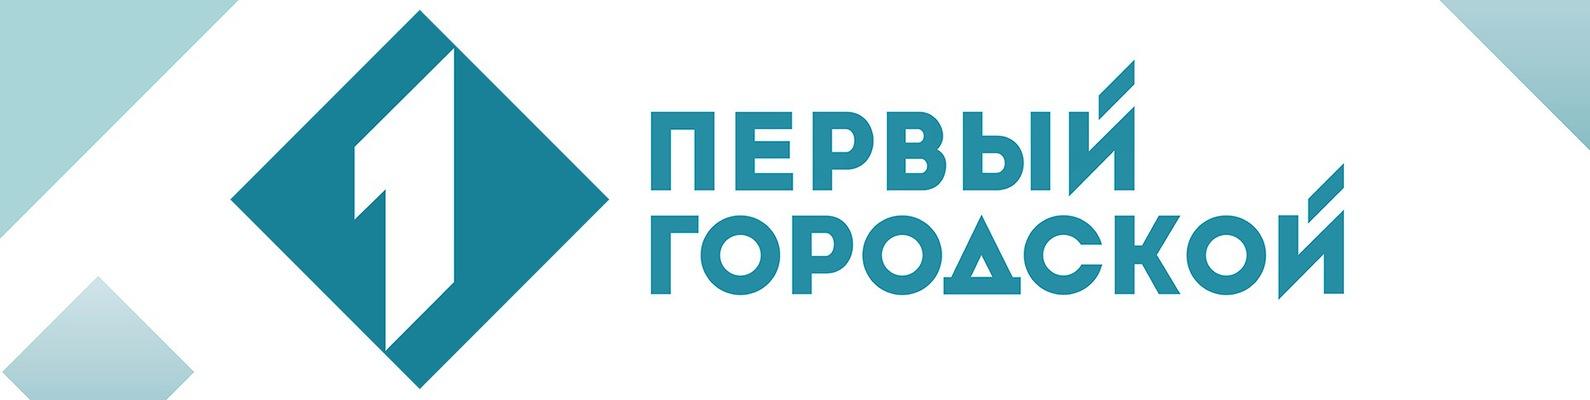 Протягом 2017 року близько мільйона українців виїхали працювати за кордон